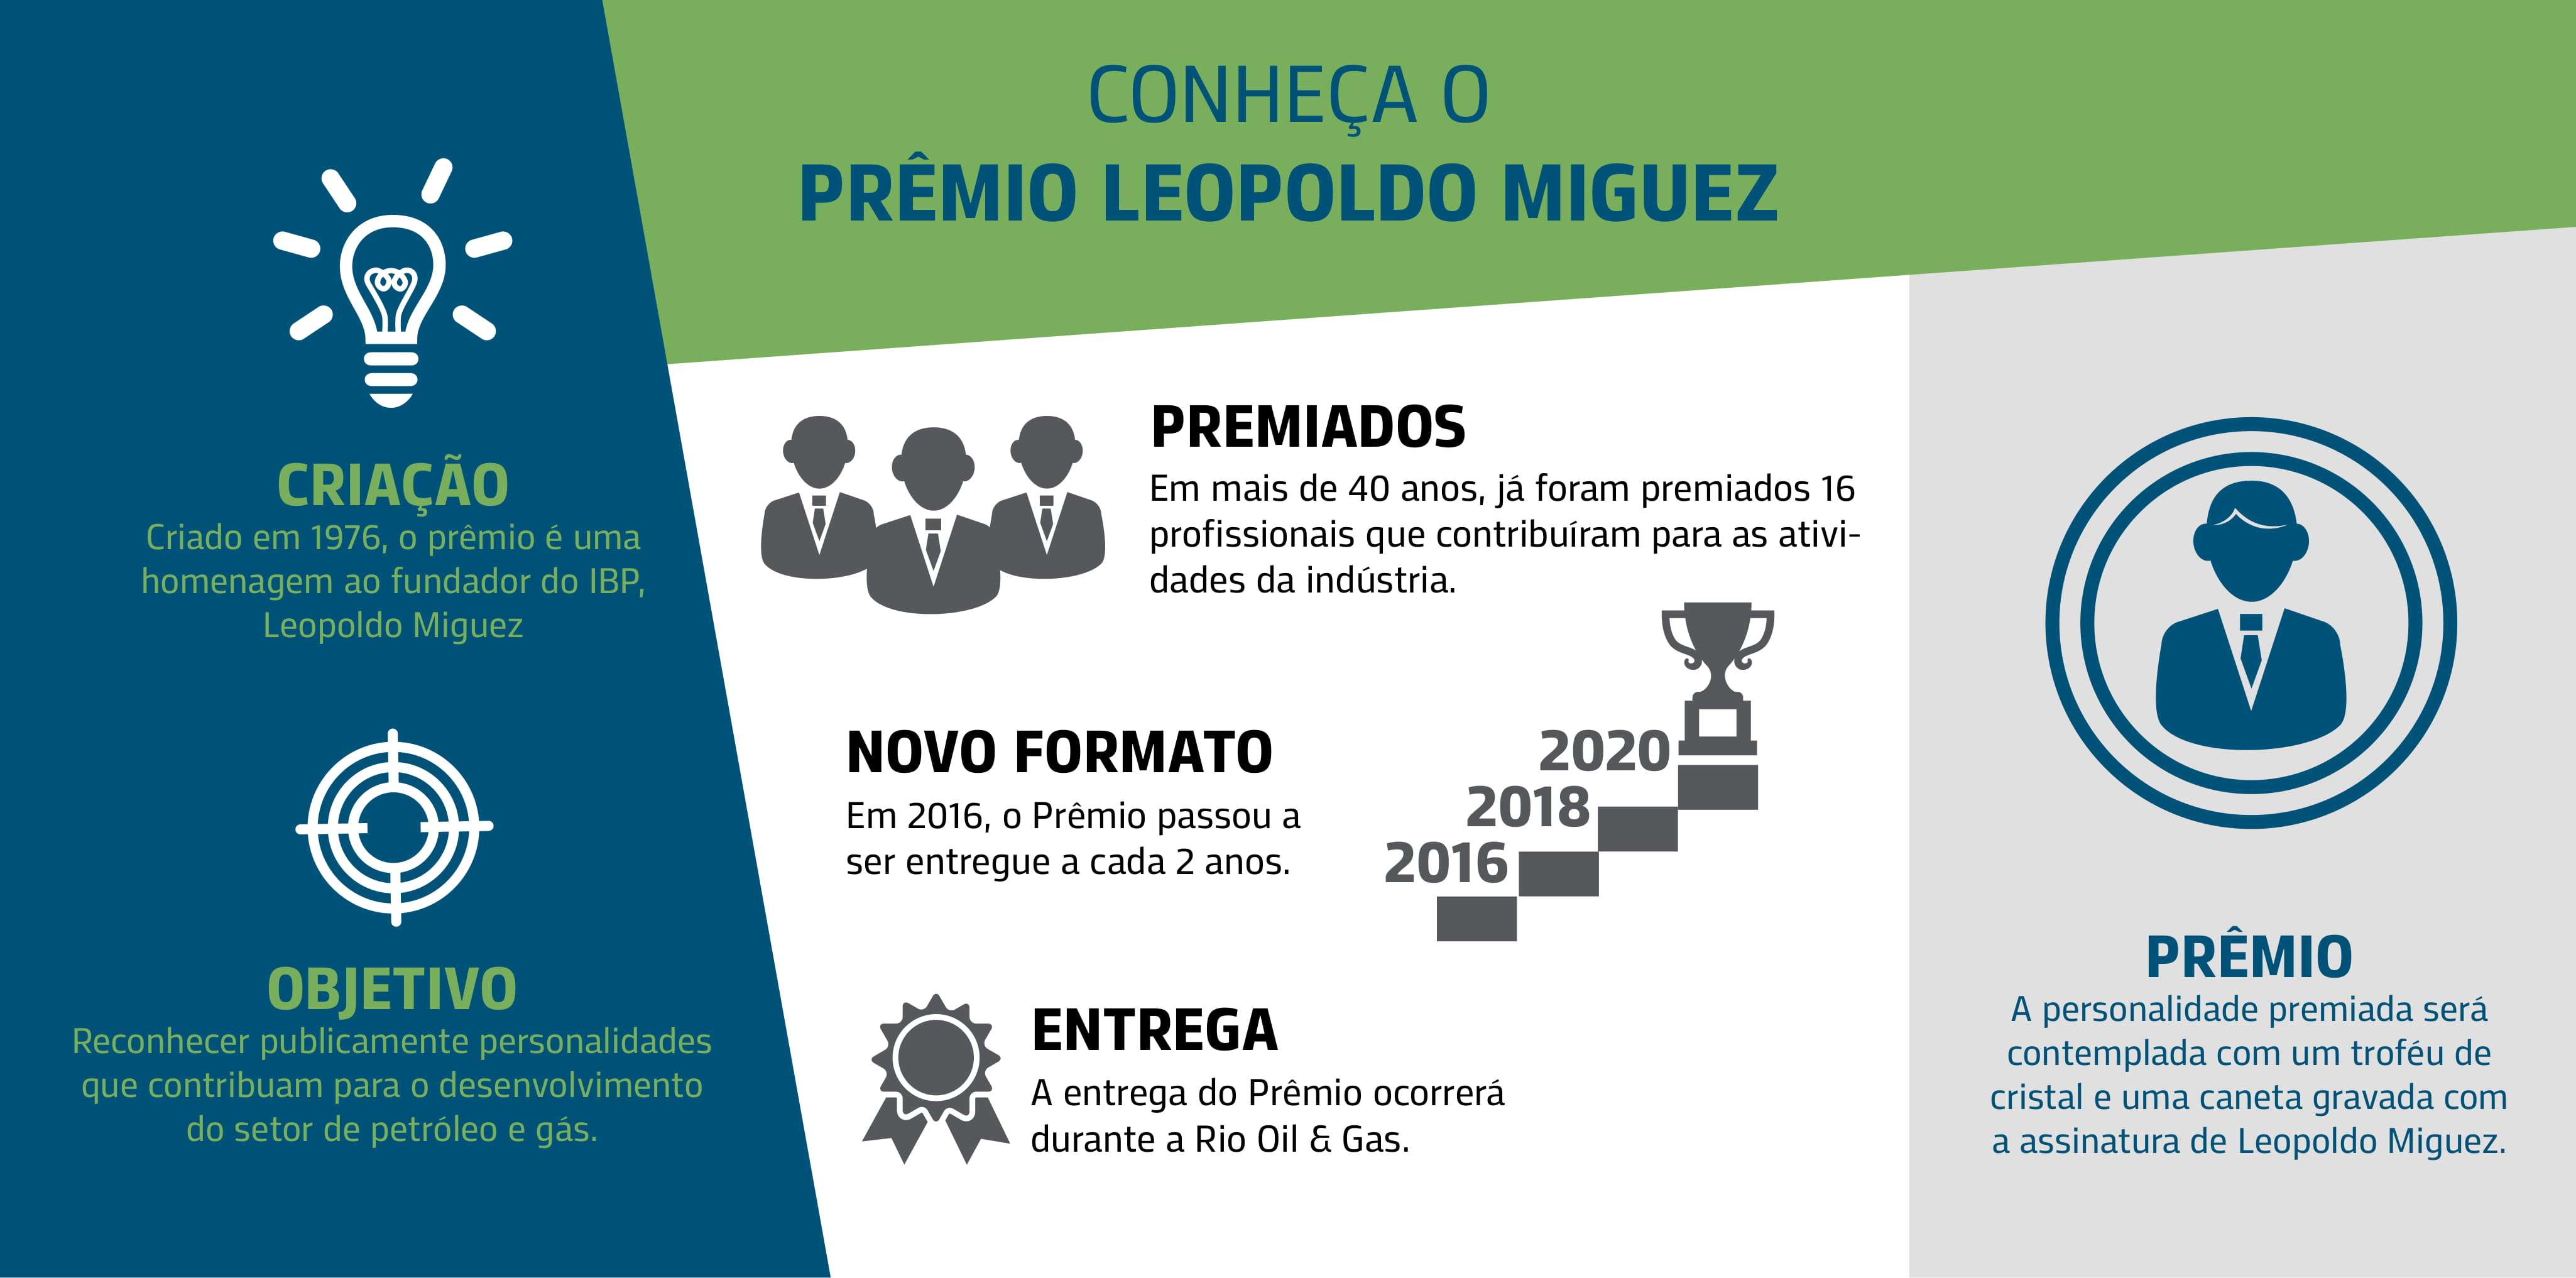 Conheça o Prêmio Leopoldo Miguez